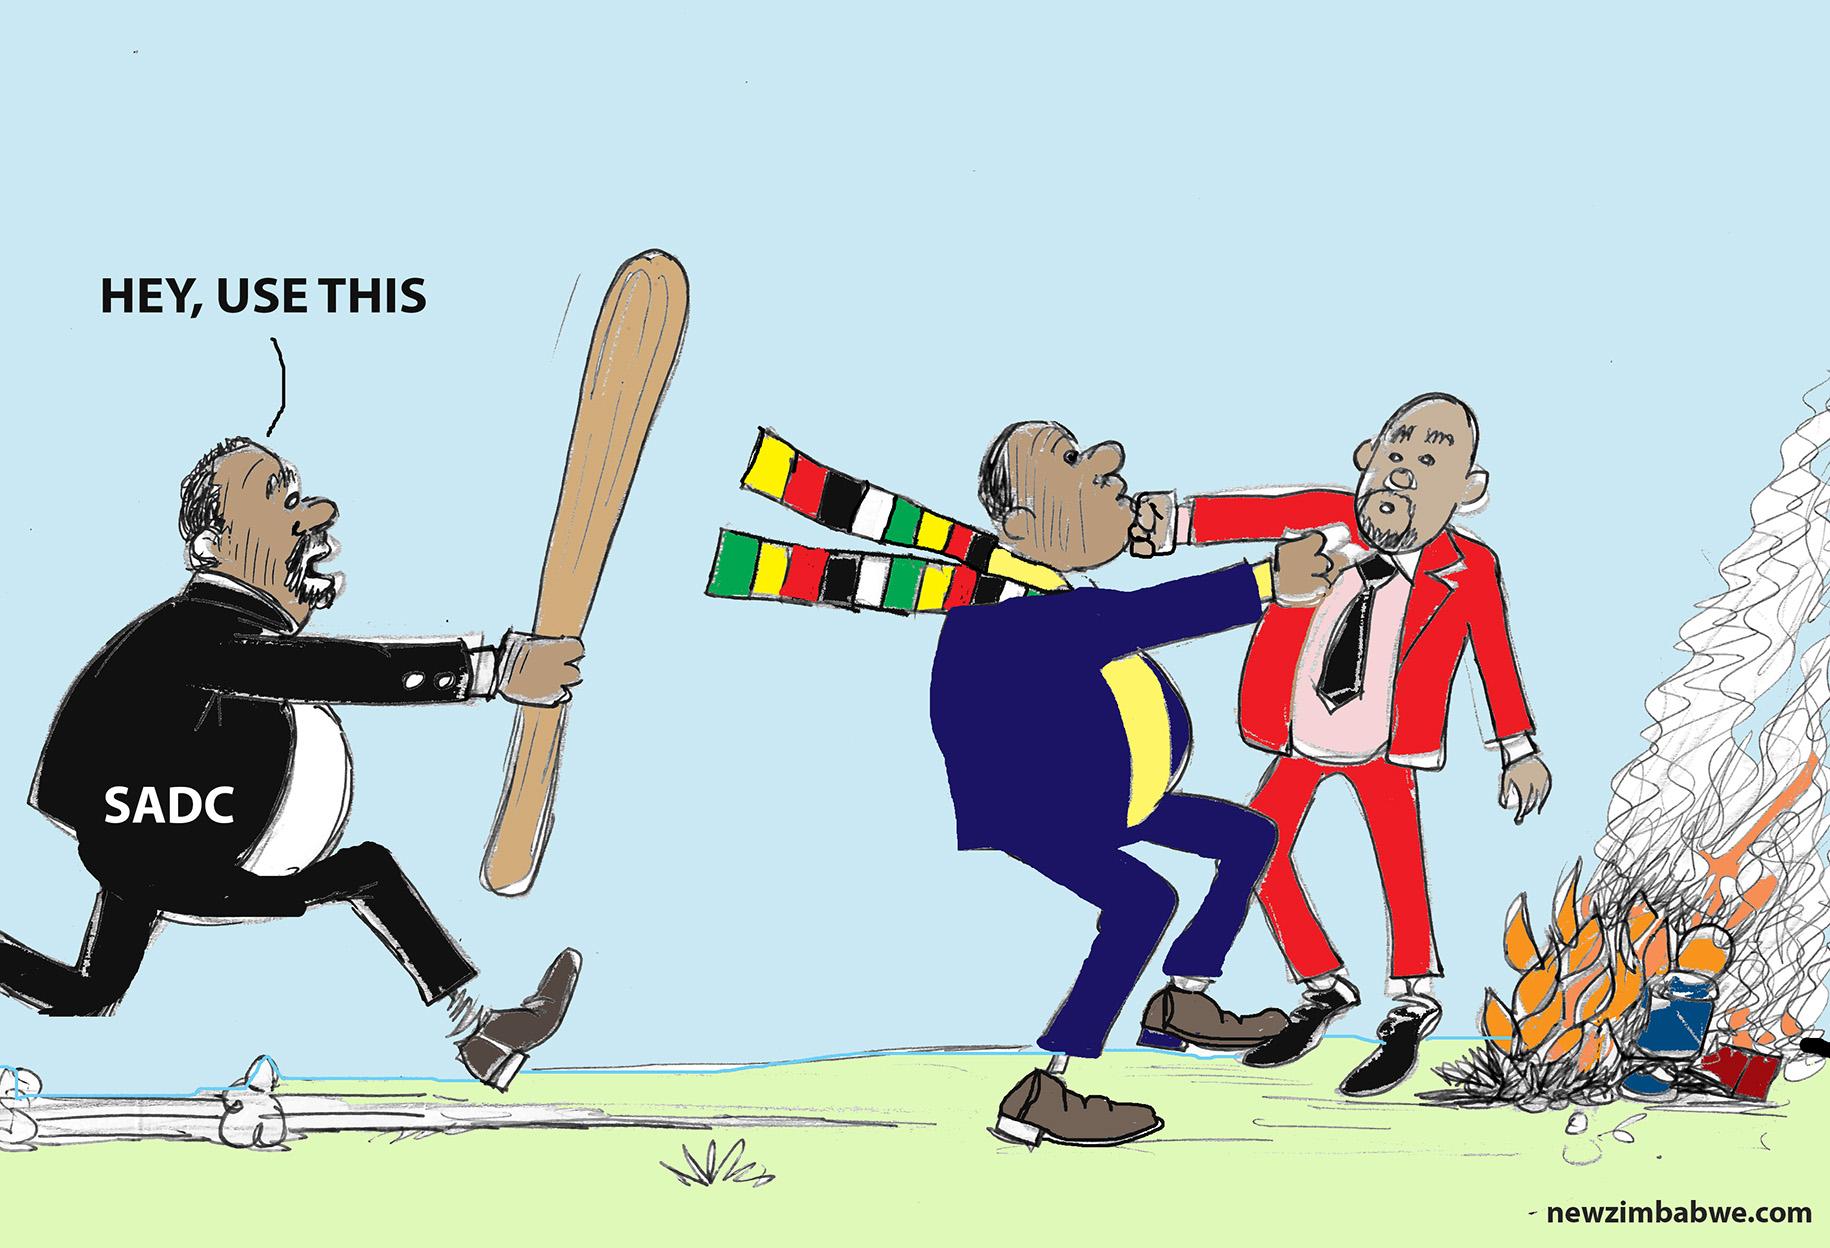 Zim situation and SADC